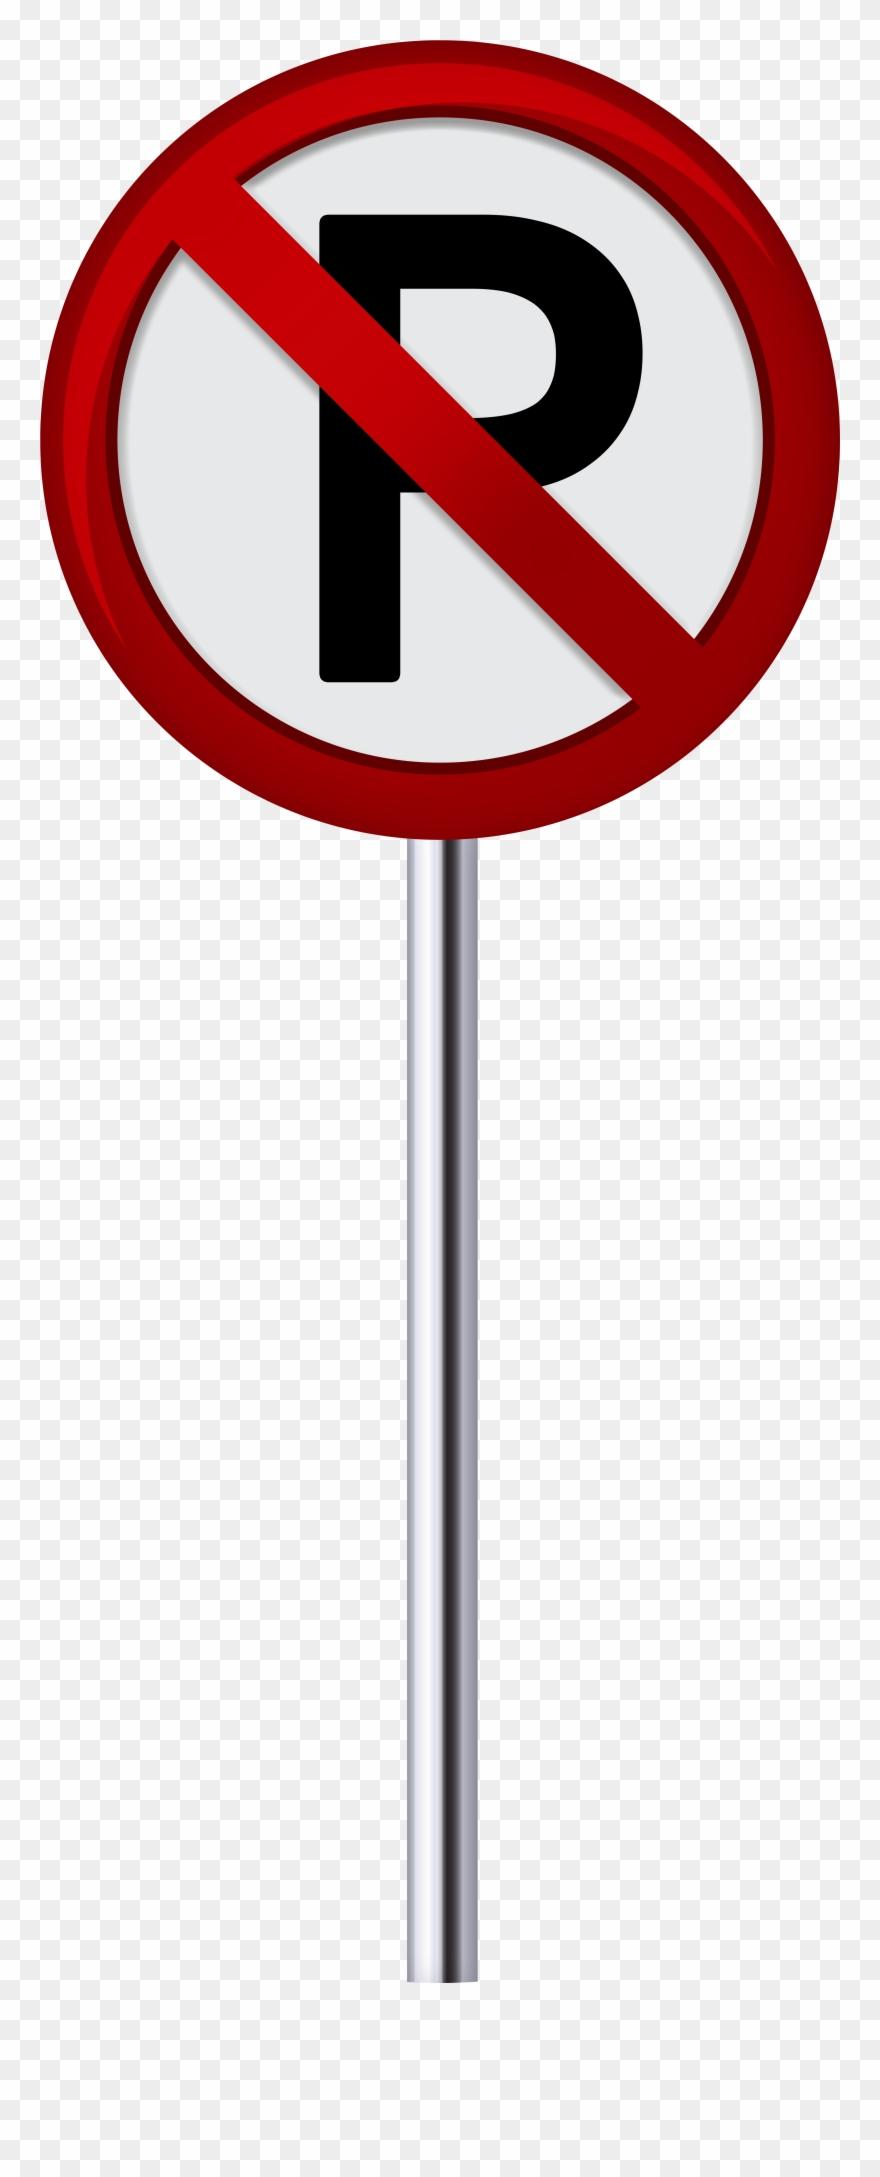 No Parking Sign Png Clip Art.